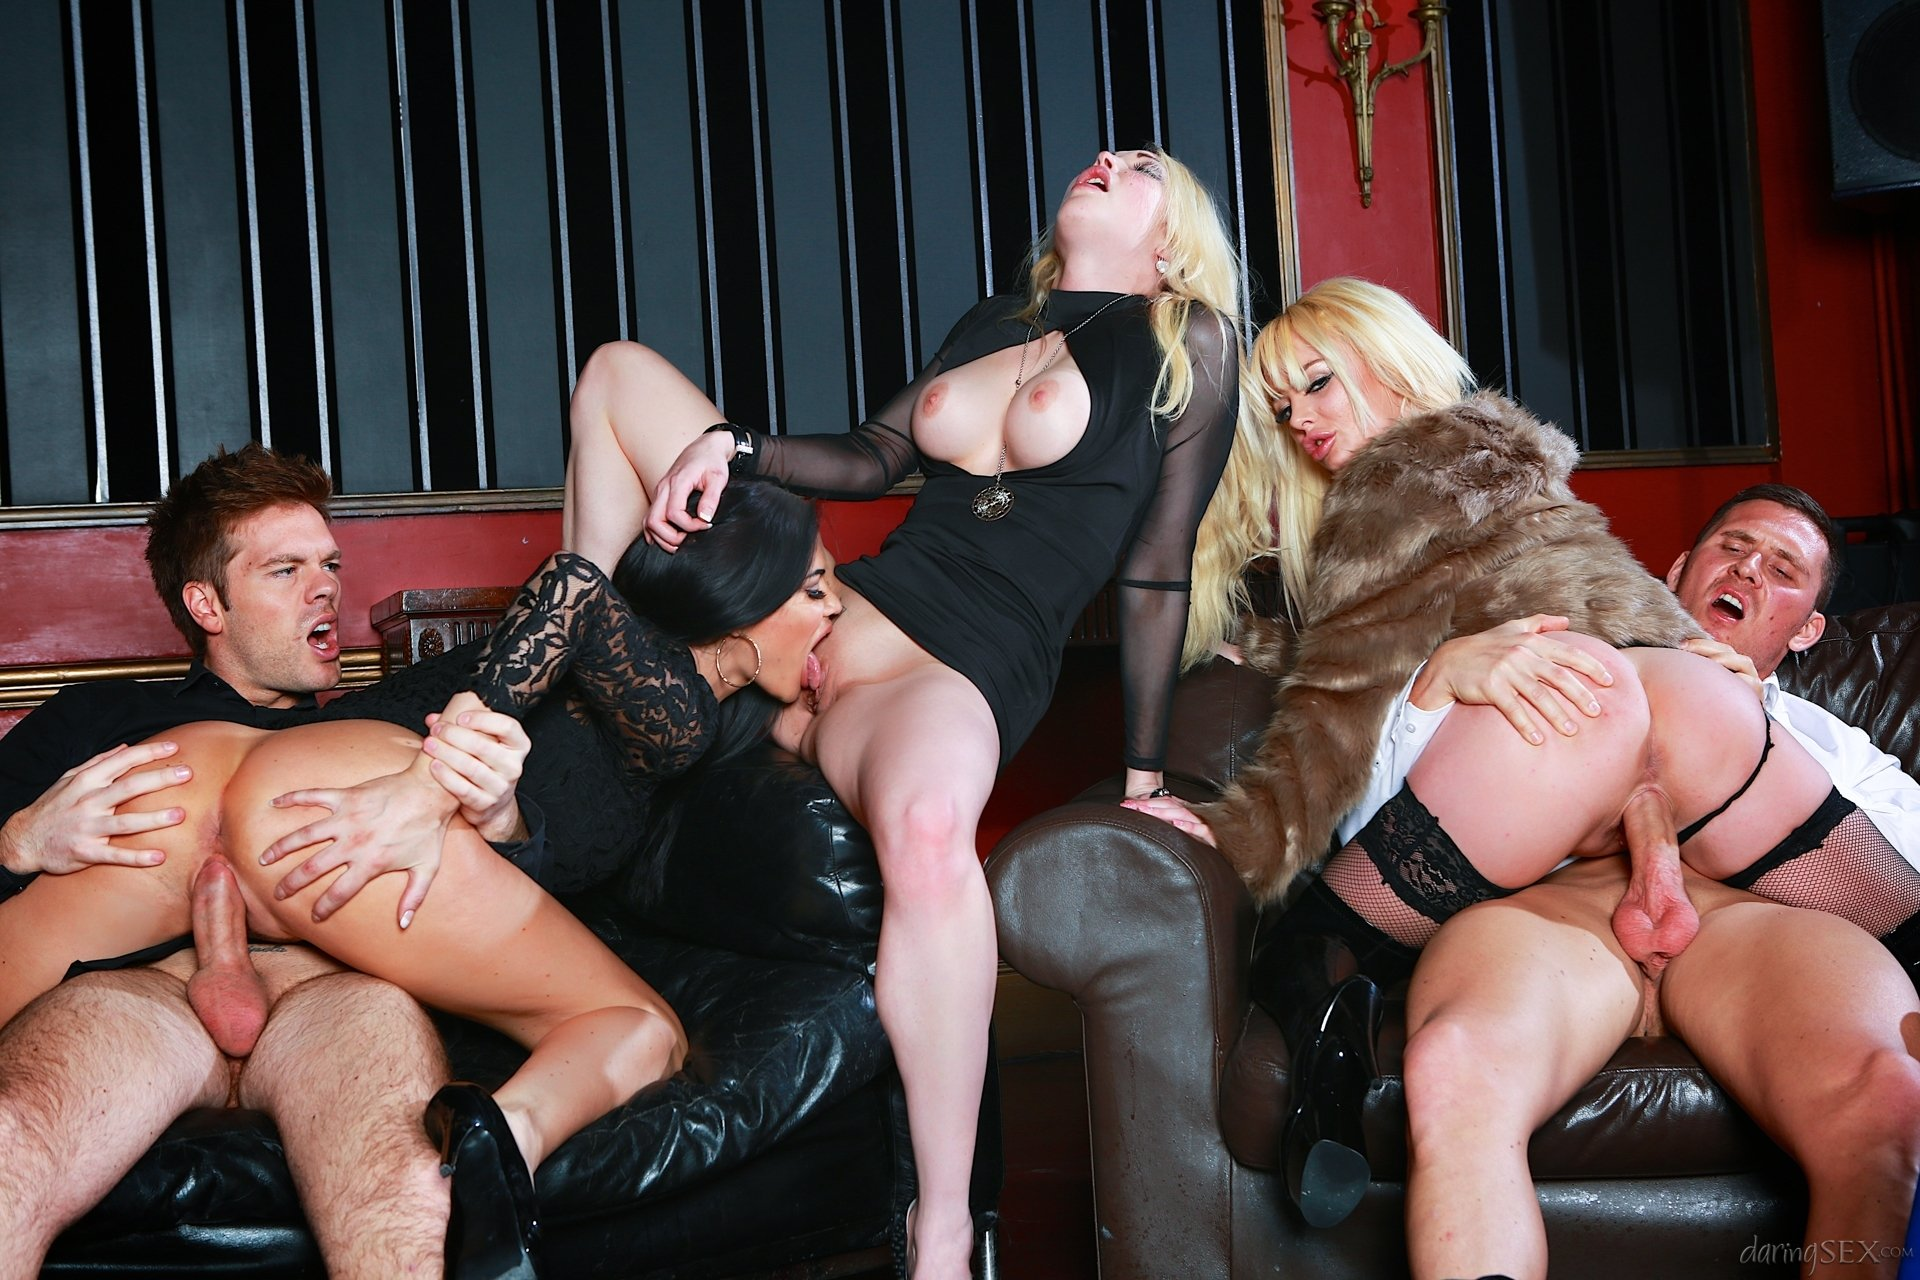 Групповой секс на сцене